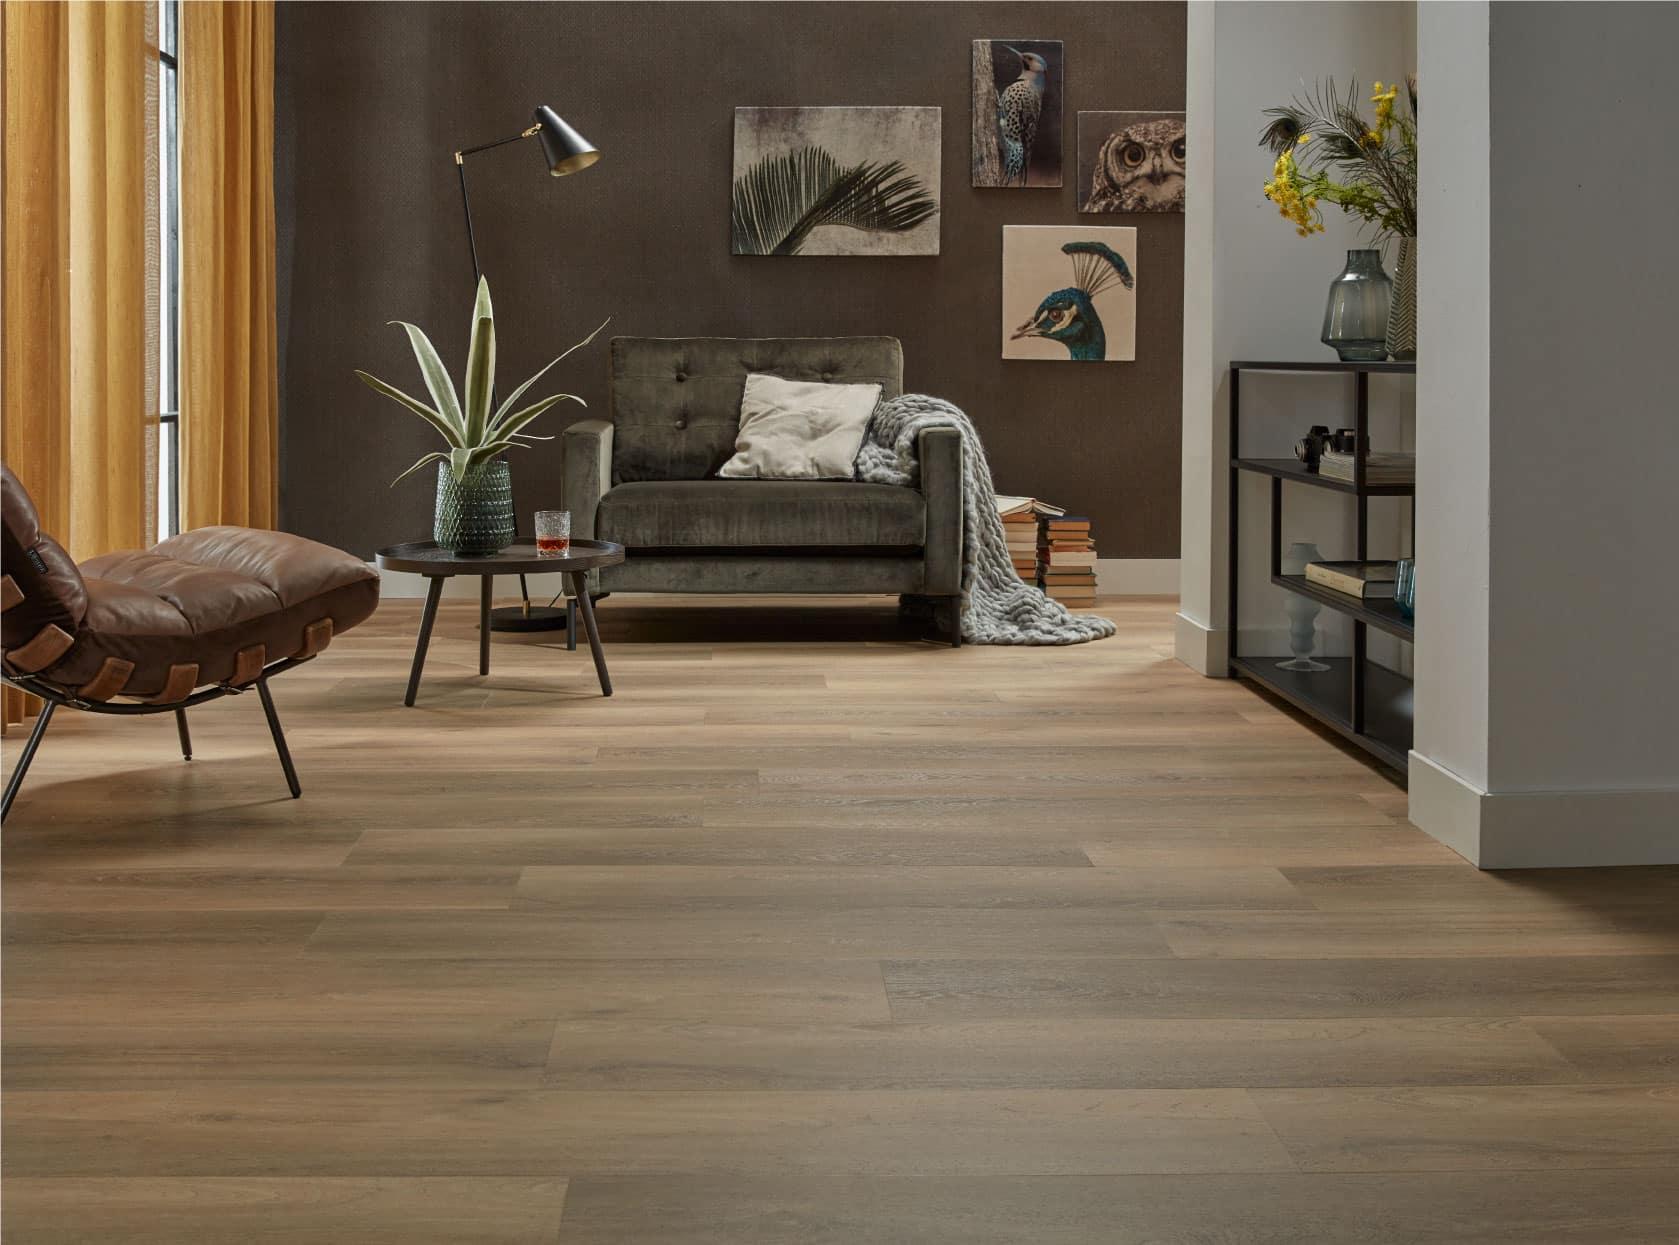 Click Pvc Vloer Leg Eenvoudig Je Eigen Prachtige Clickvloer Stile Floors